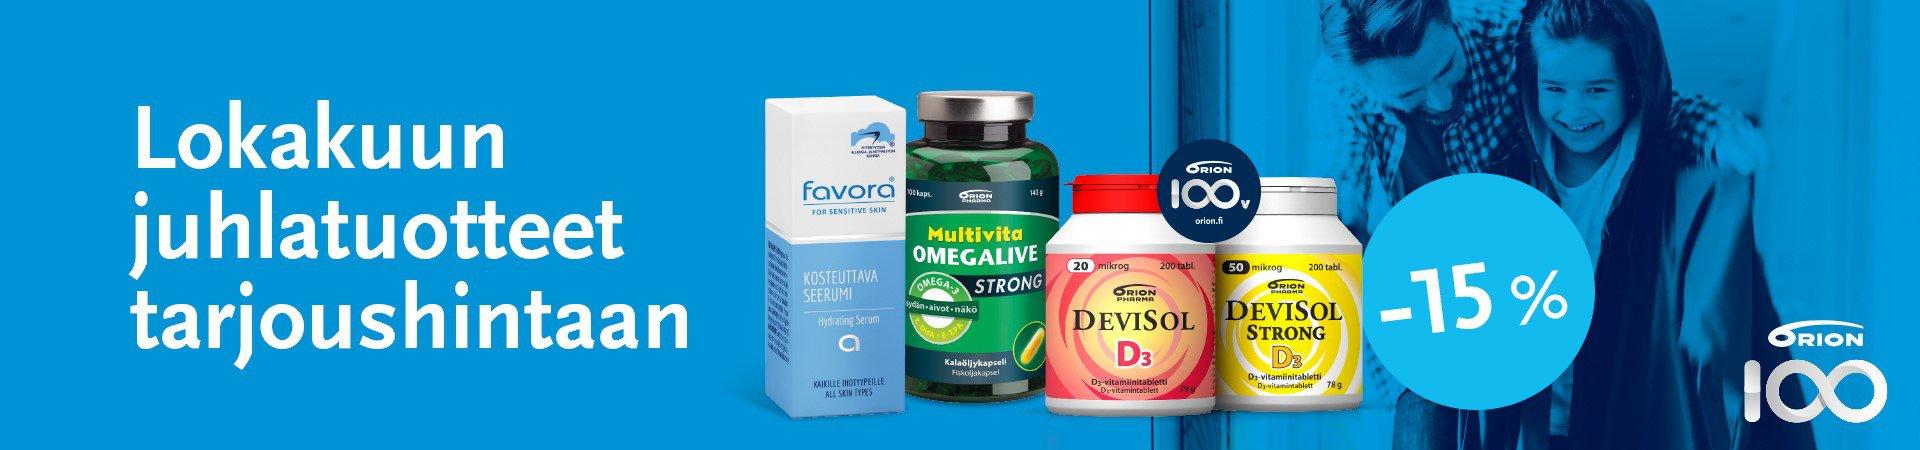 Orion, alennus, vitamiini, omega, seerumi, favora, tarjous